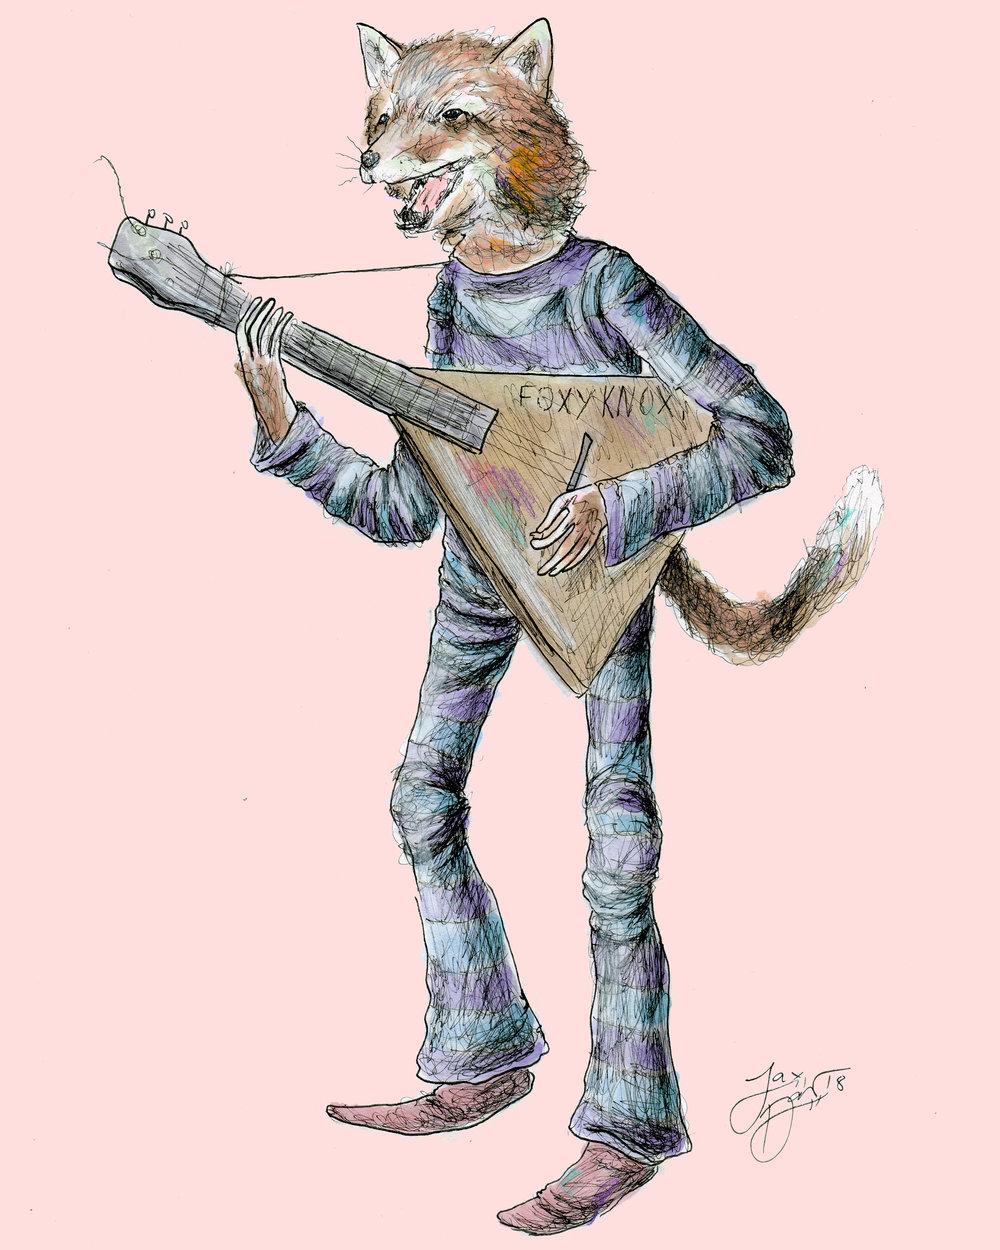 Foxy Knoxy